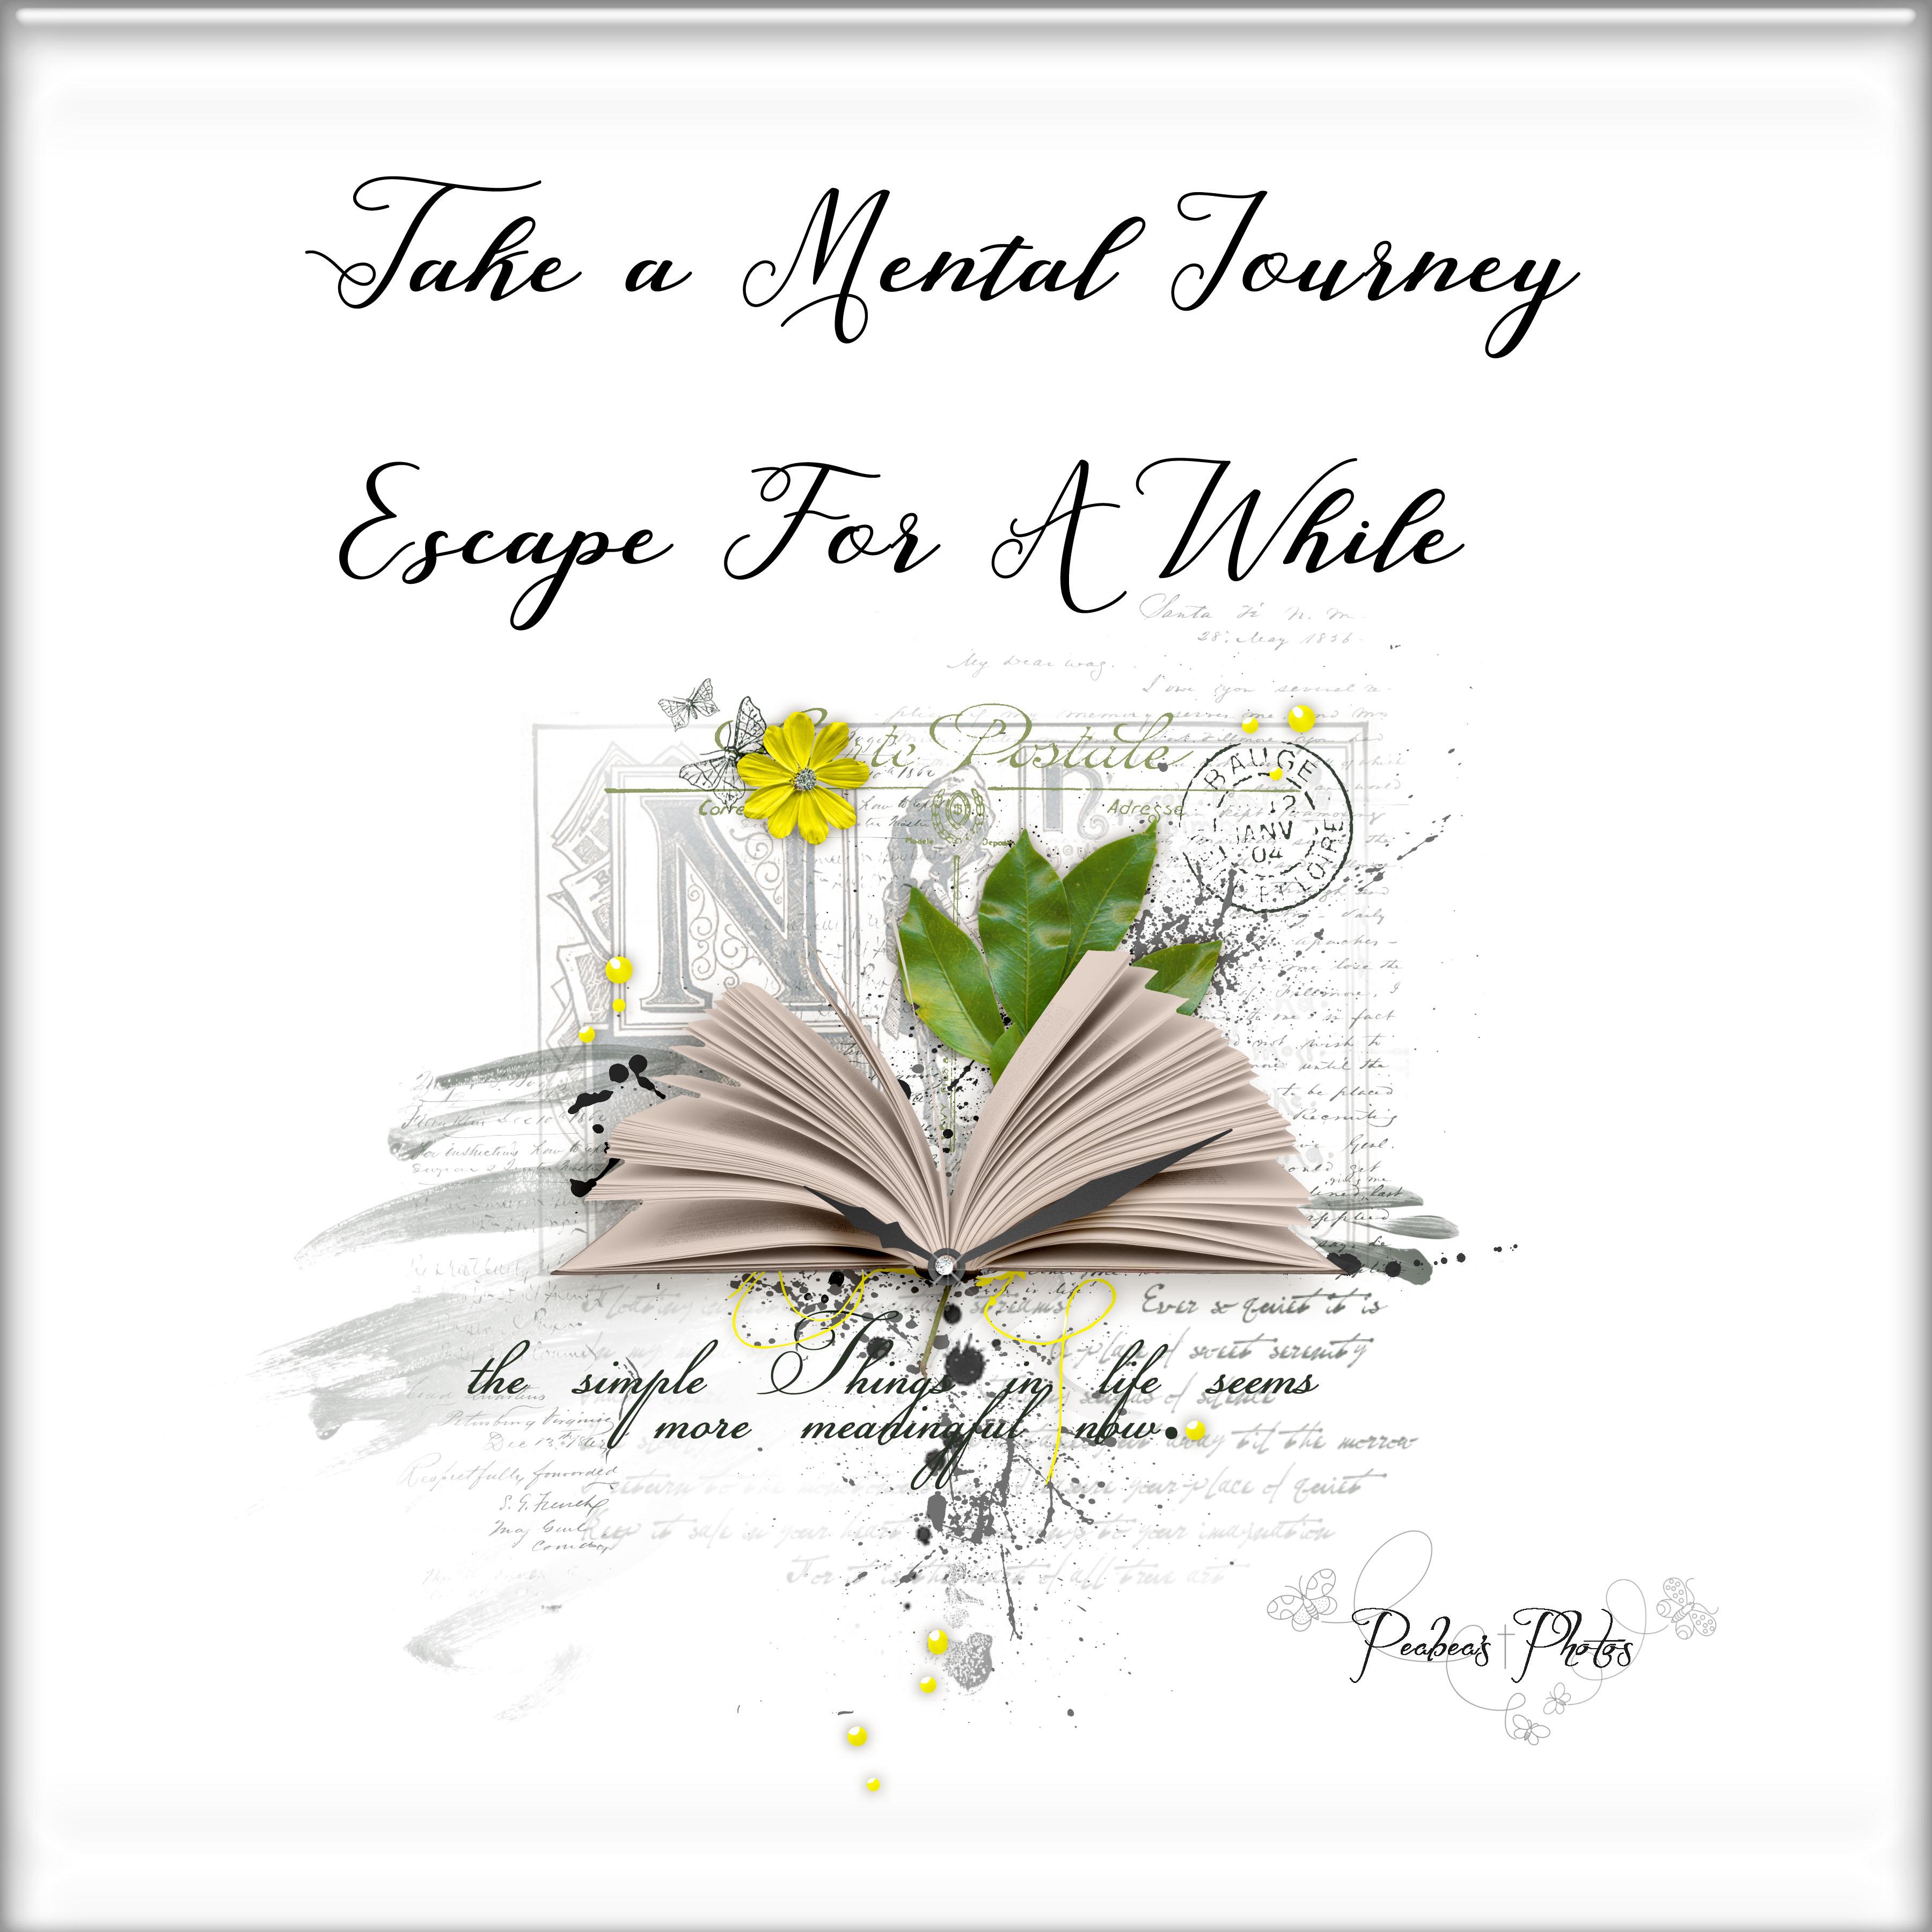 Take a Mental Journey